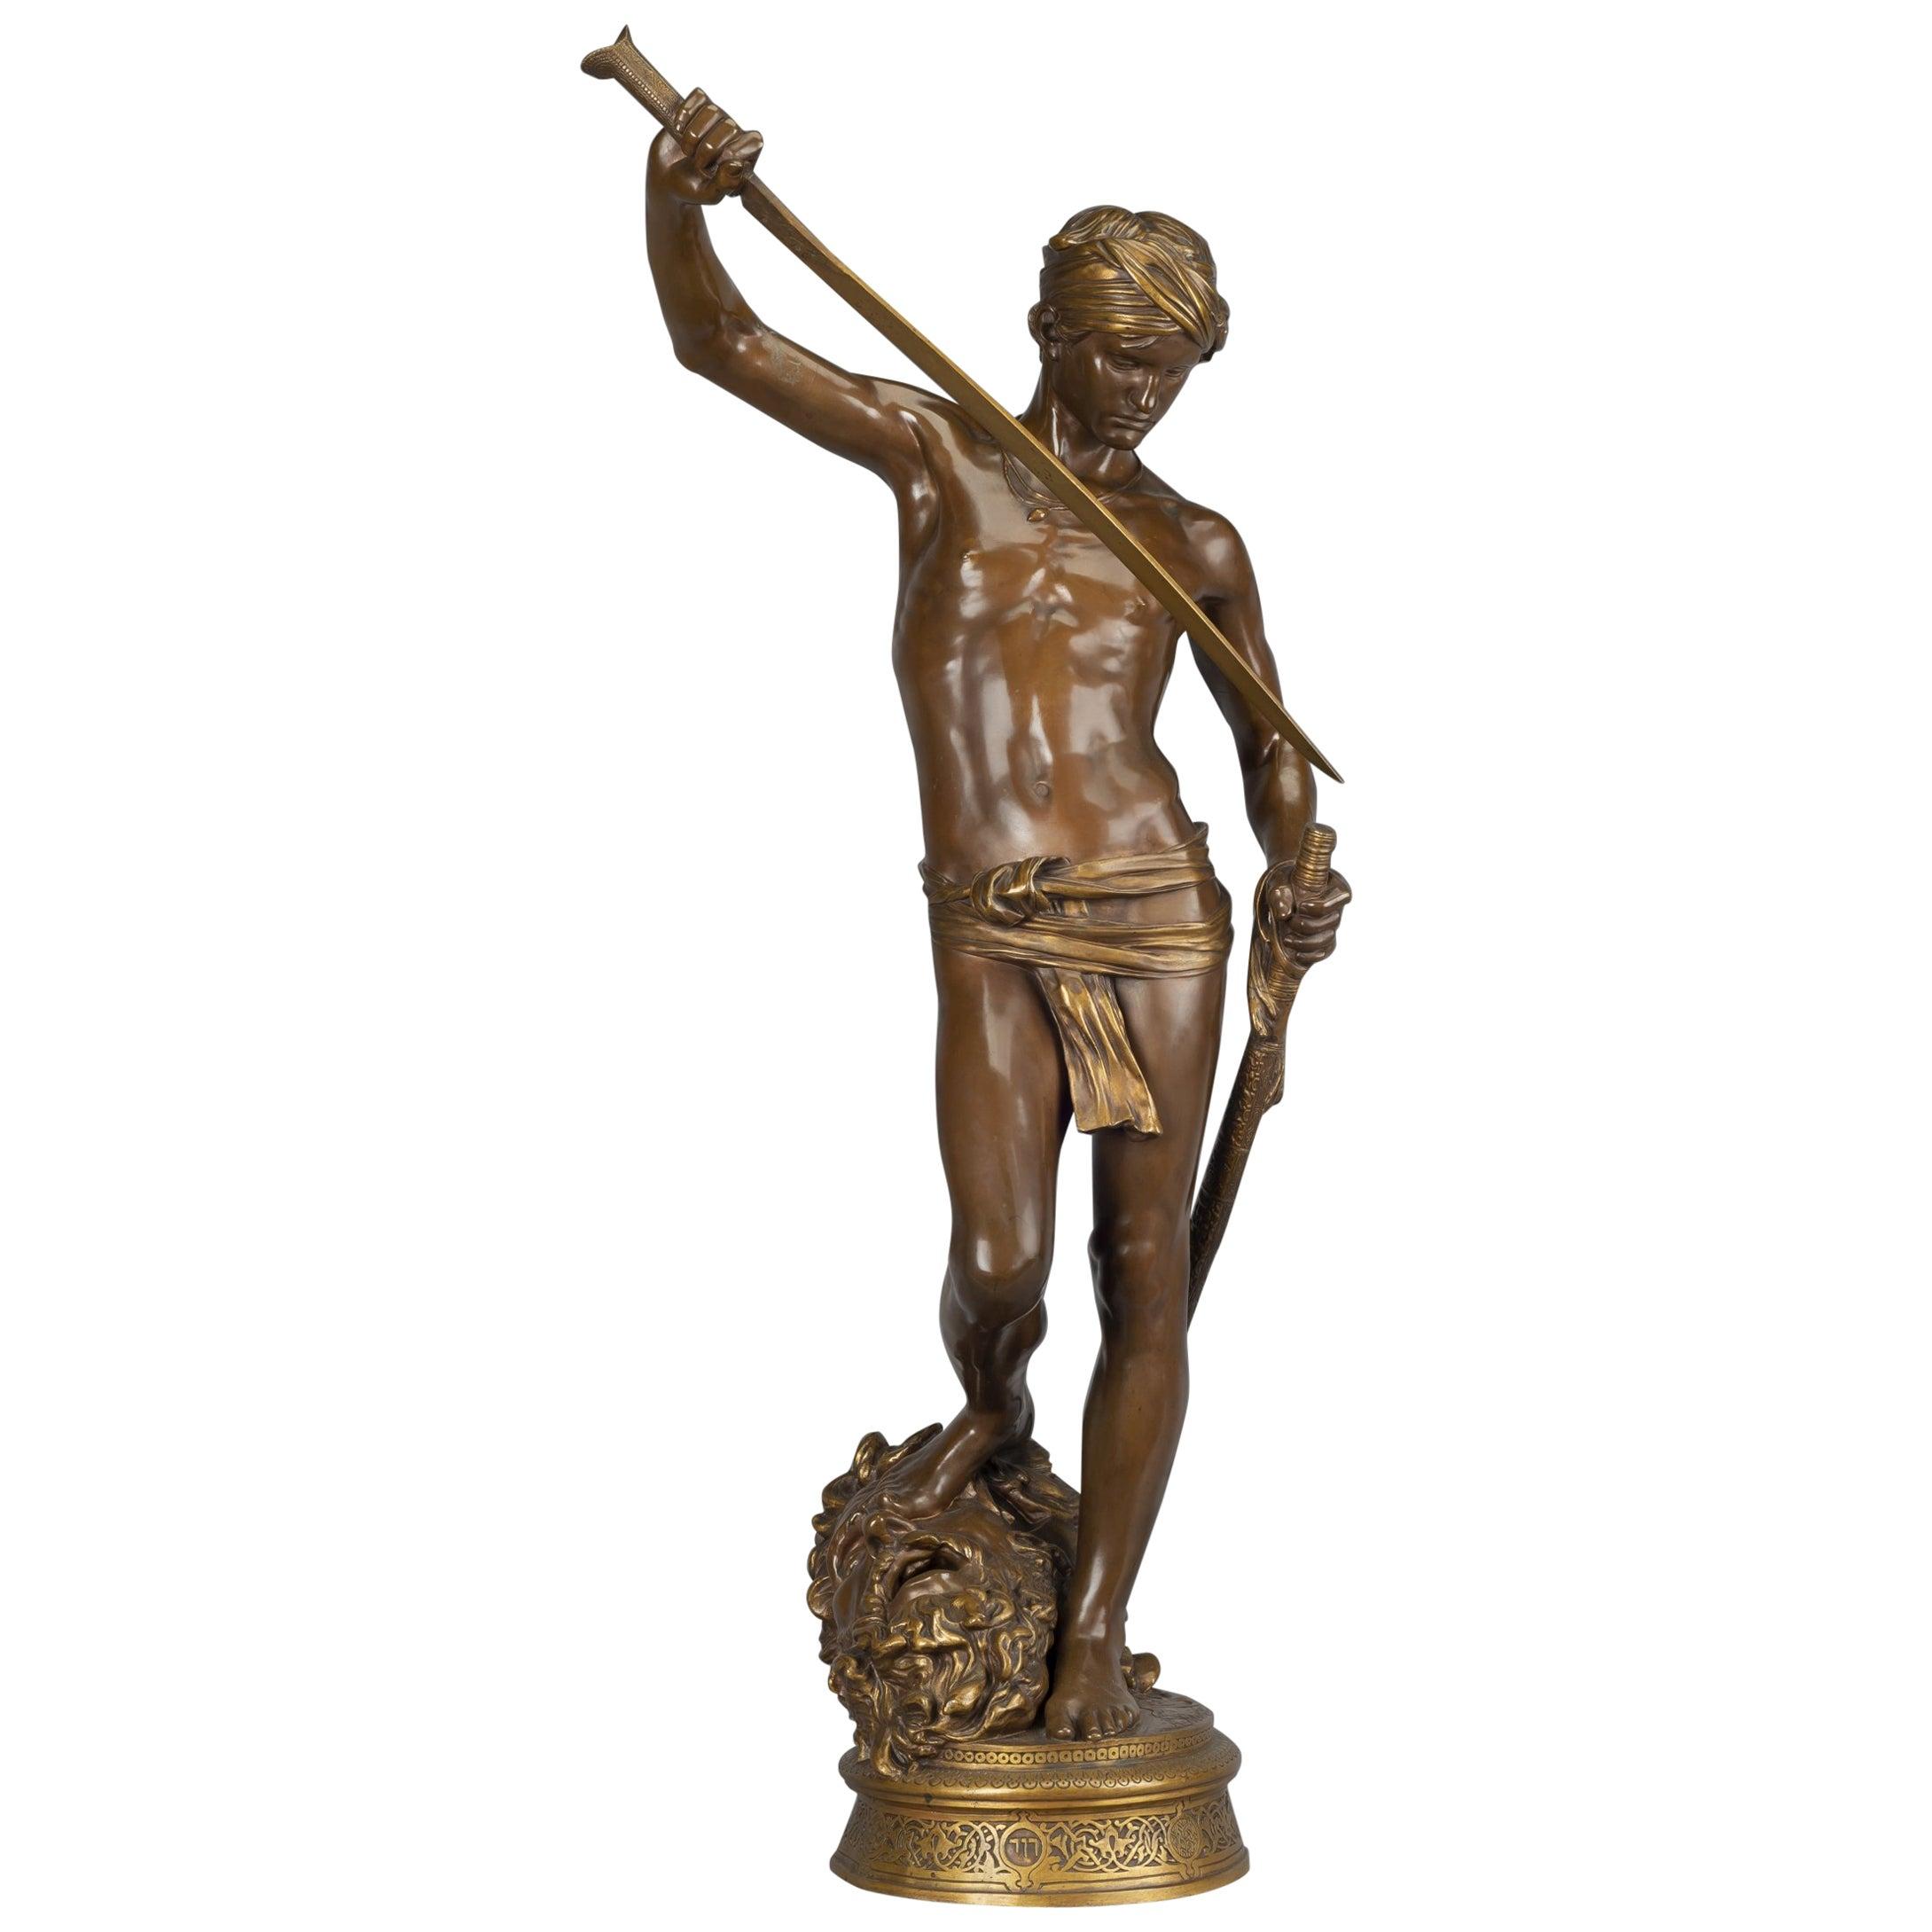 'David Vainqueur de Goliath' a Bronze Figure by Antonin Mercié, circa 1880